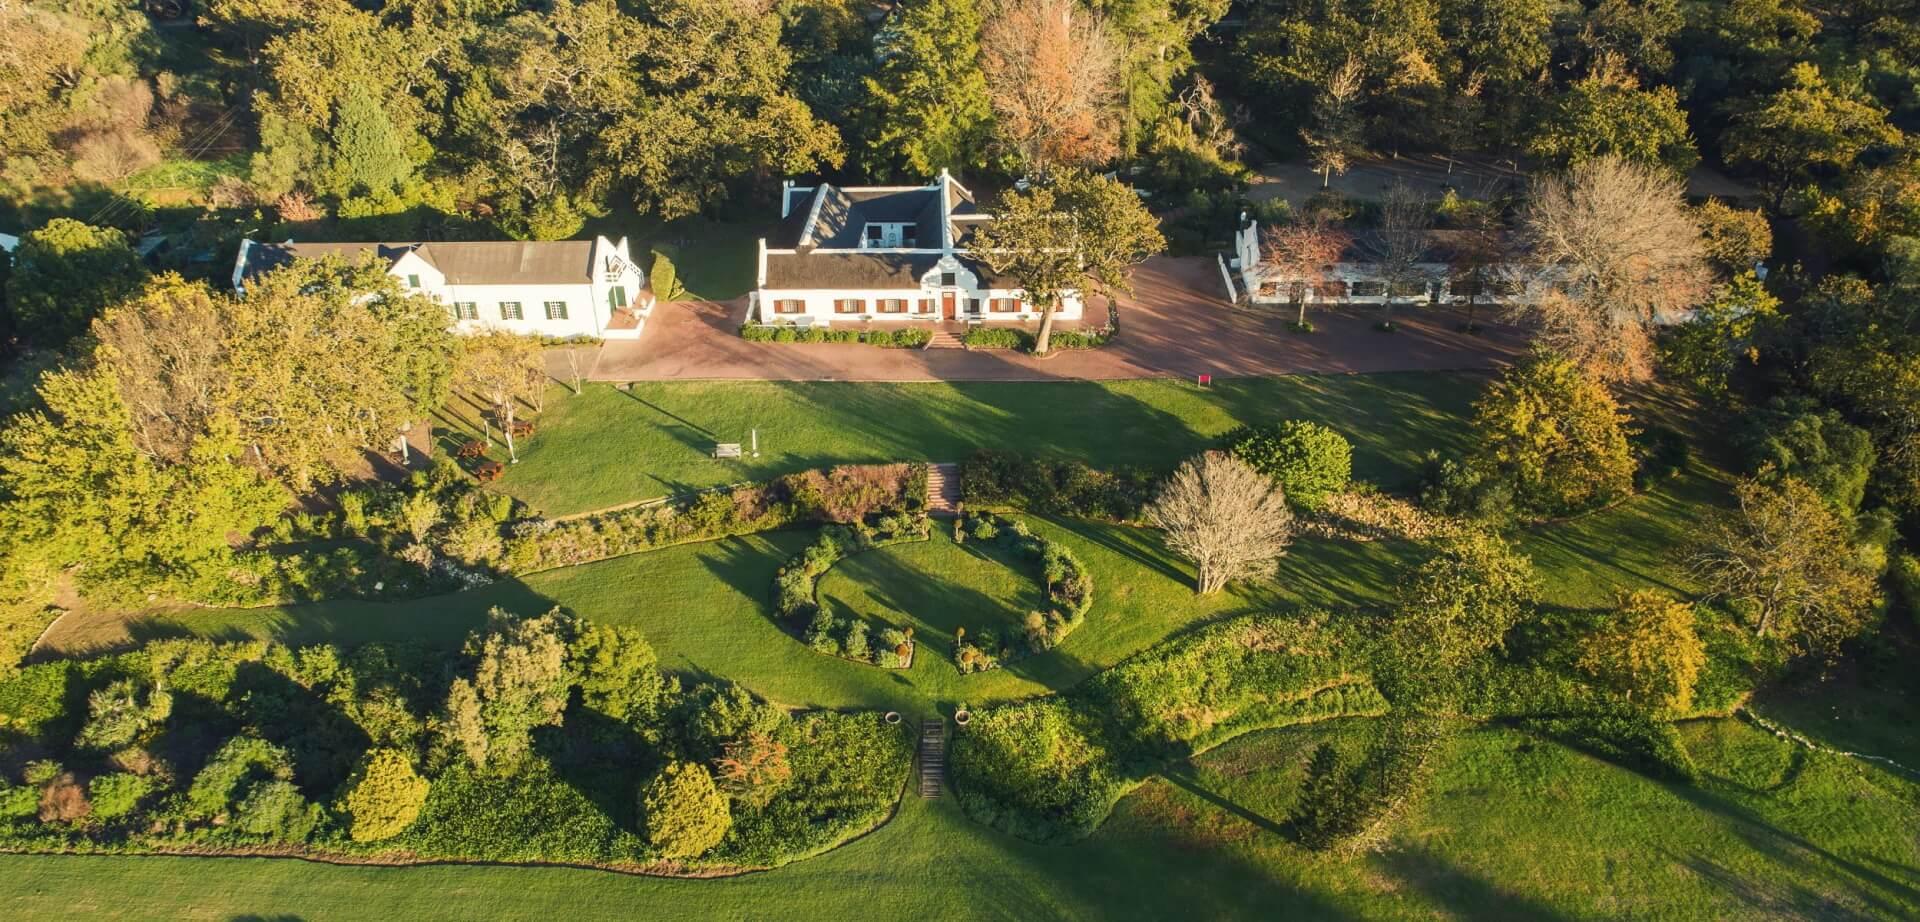 Aerial view of Plaisir de Merle, wine estate in Franschhoek